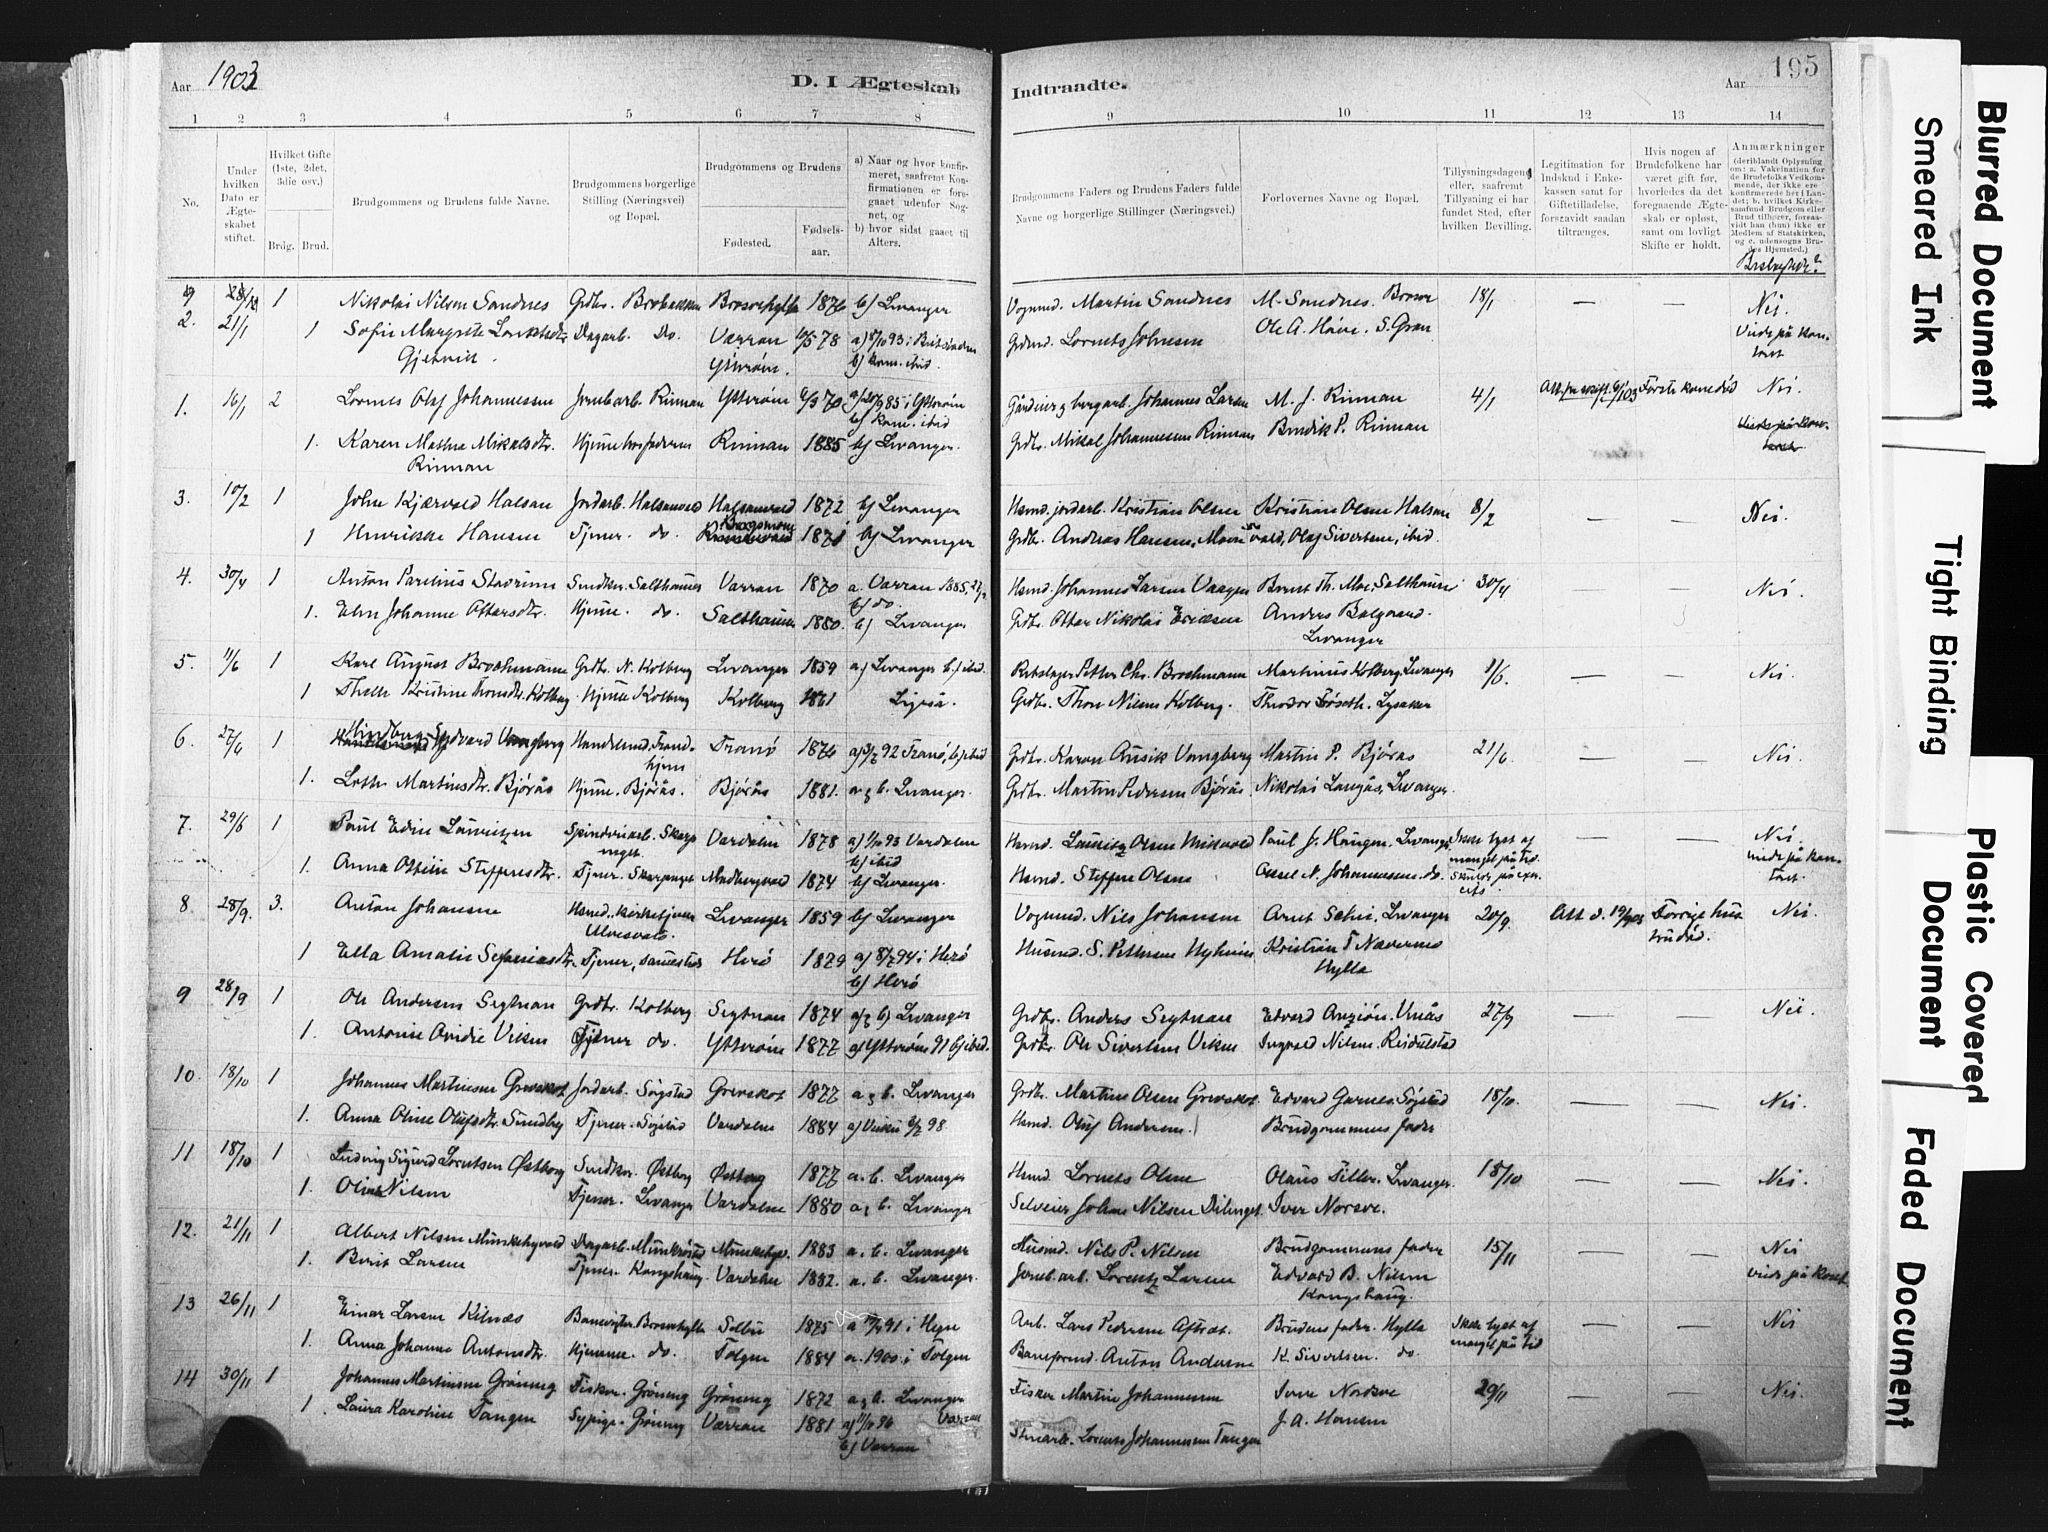 SAT, Ministerialprotokoller, klokkerbøker og fødselsregistre - Nord-Trøndelag, 721/L0207: Ministerialbok nr. 721A02, 1880-1911, s. 195